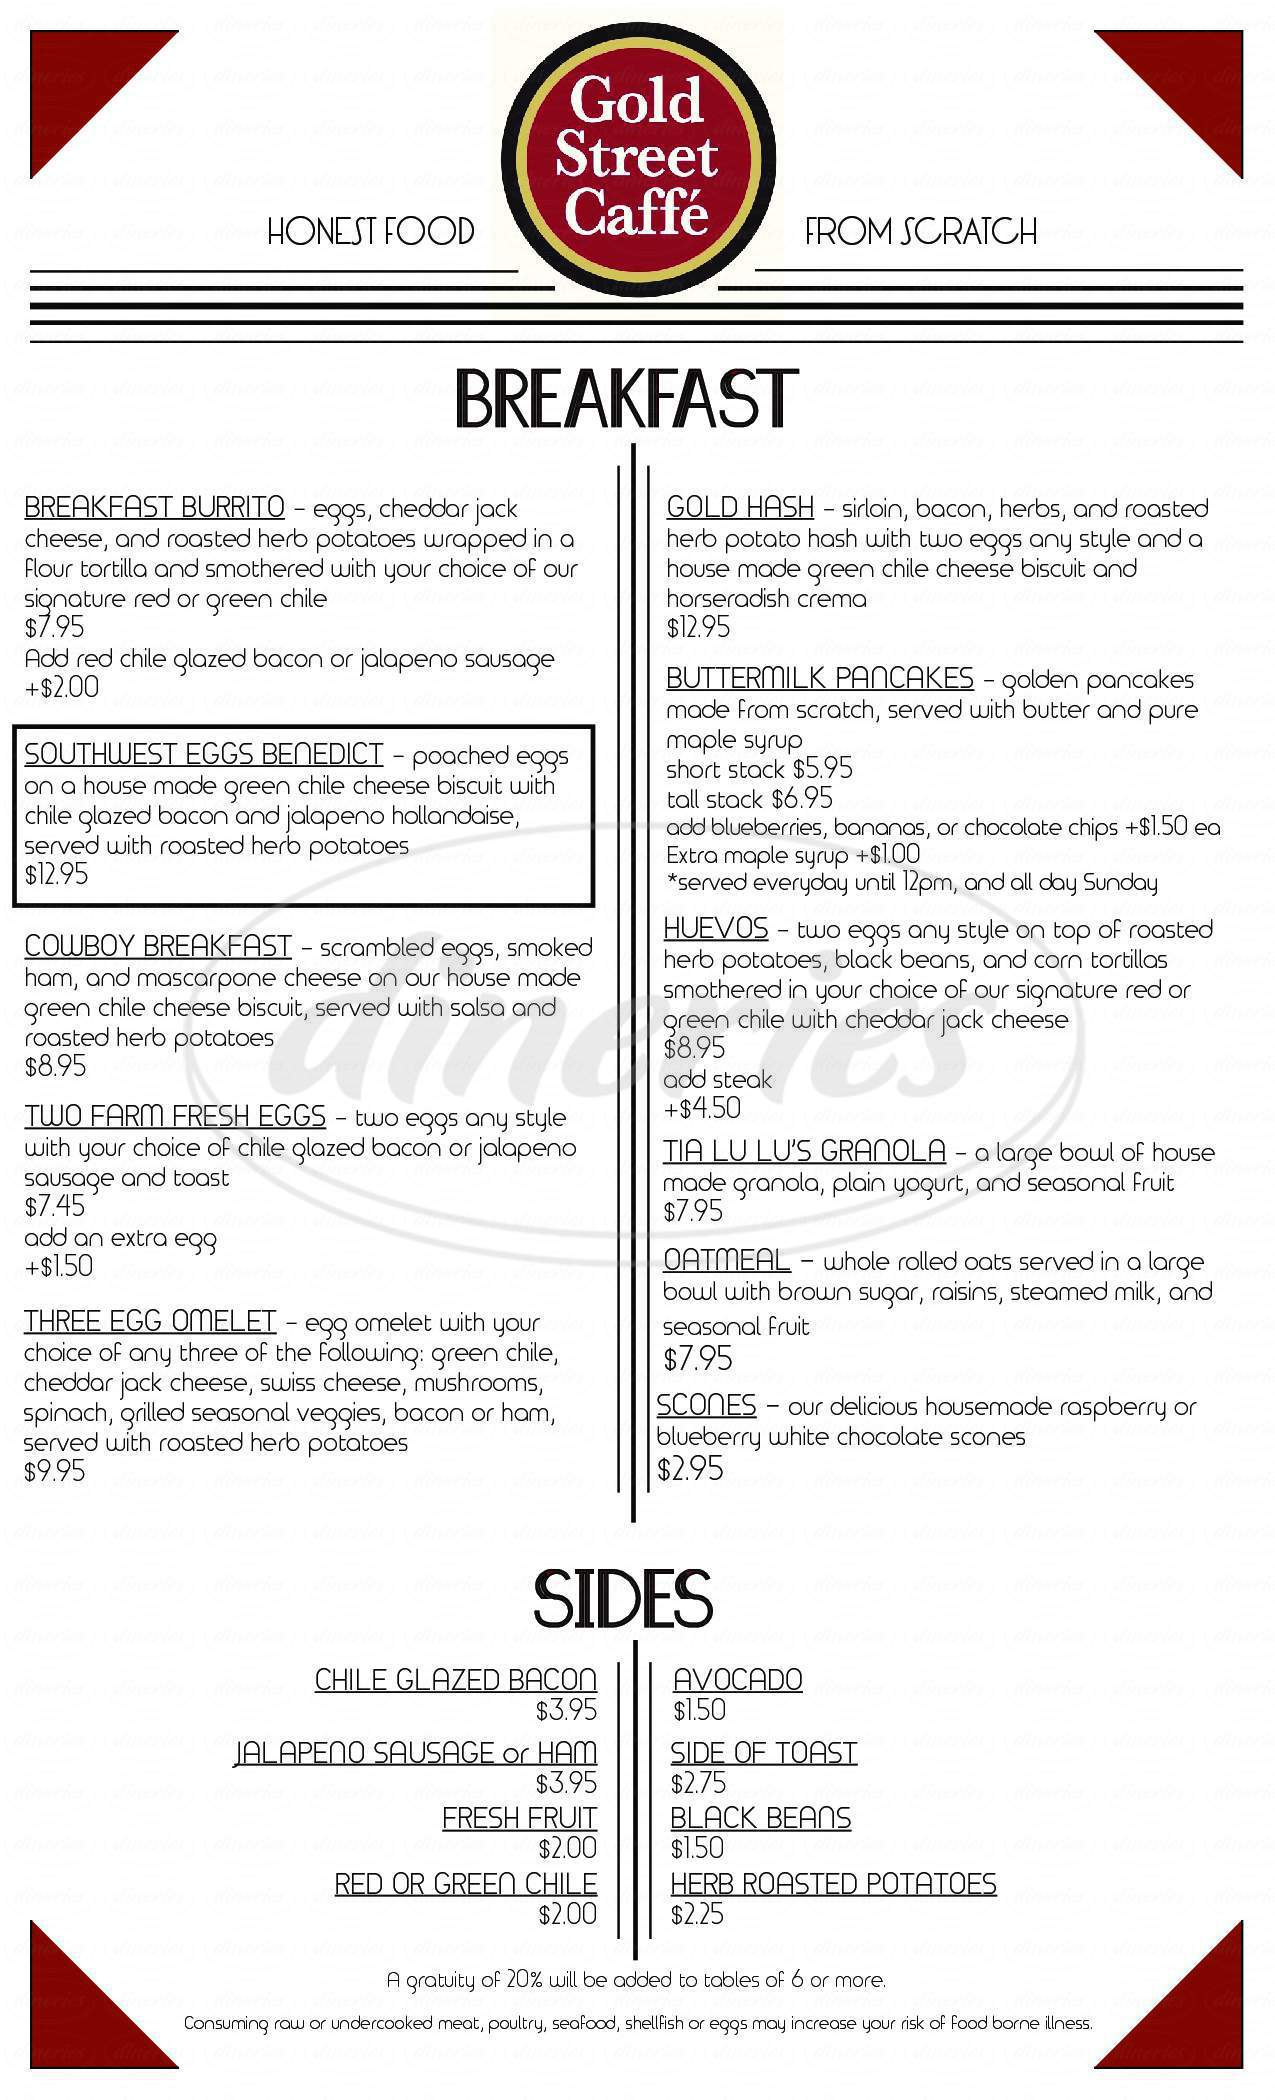 menu for Gold Street Caffe